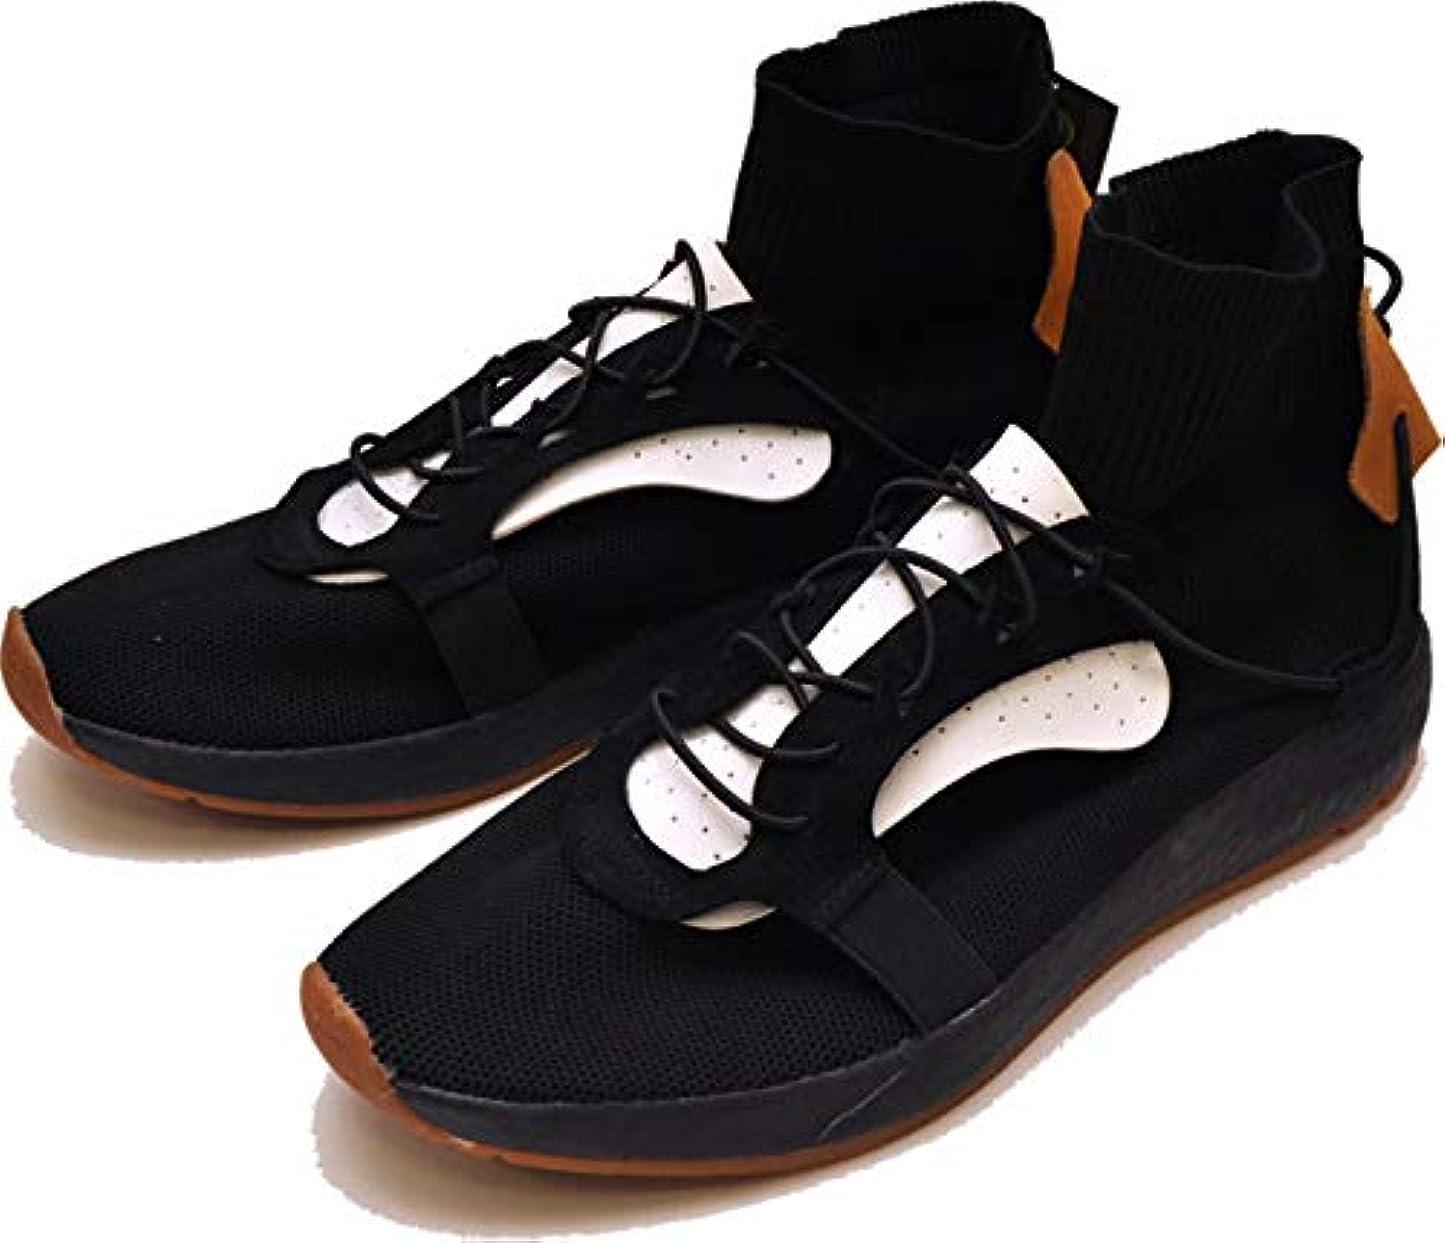 どちらかに向けて出発セラーYOSUKE U.S.A ヨースケ ブーツ ミッドカット スニーカーブーツ スニーカーソックスブーツ